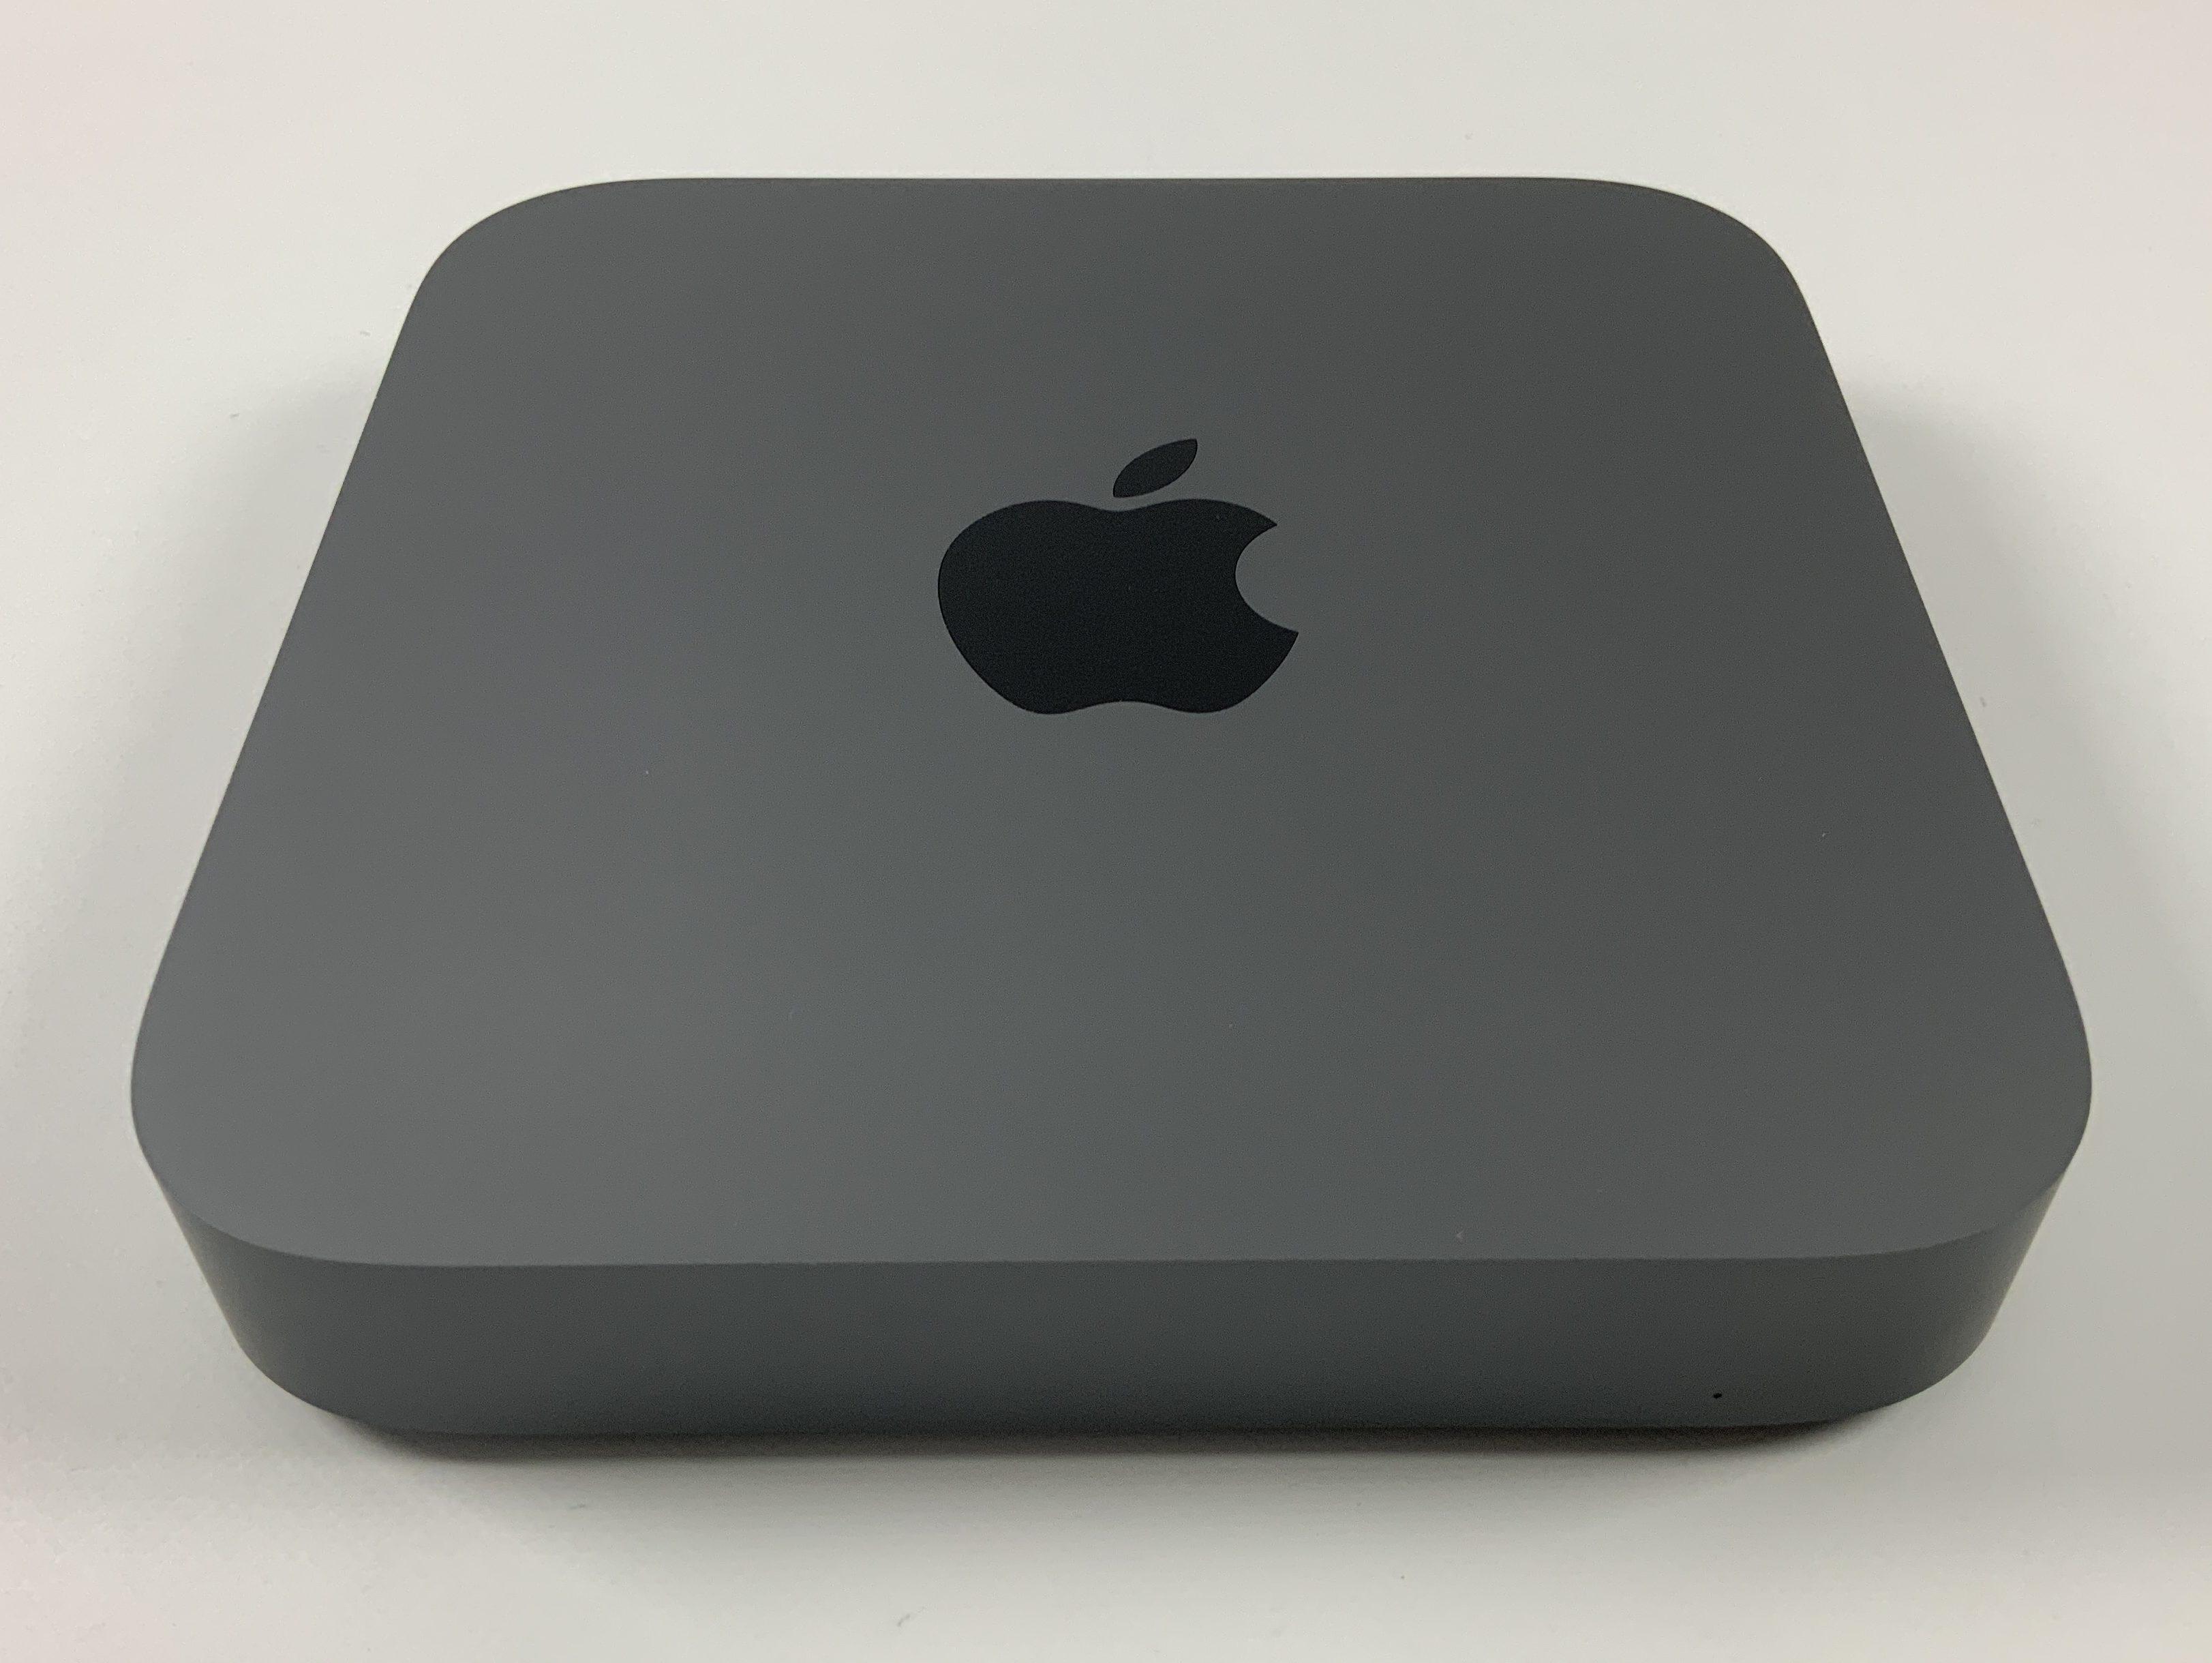 Mac Mini Late 2018 (Intel Quad-Core i3 3.6 GHz 8 GB RAM 256 GB SSD), Intel Quad-Core i3 3.6 GHz, 8 GB RAM, 256 GB SSD, bild 1